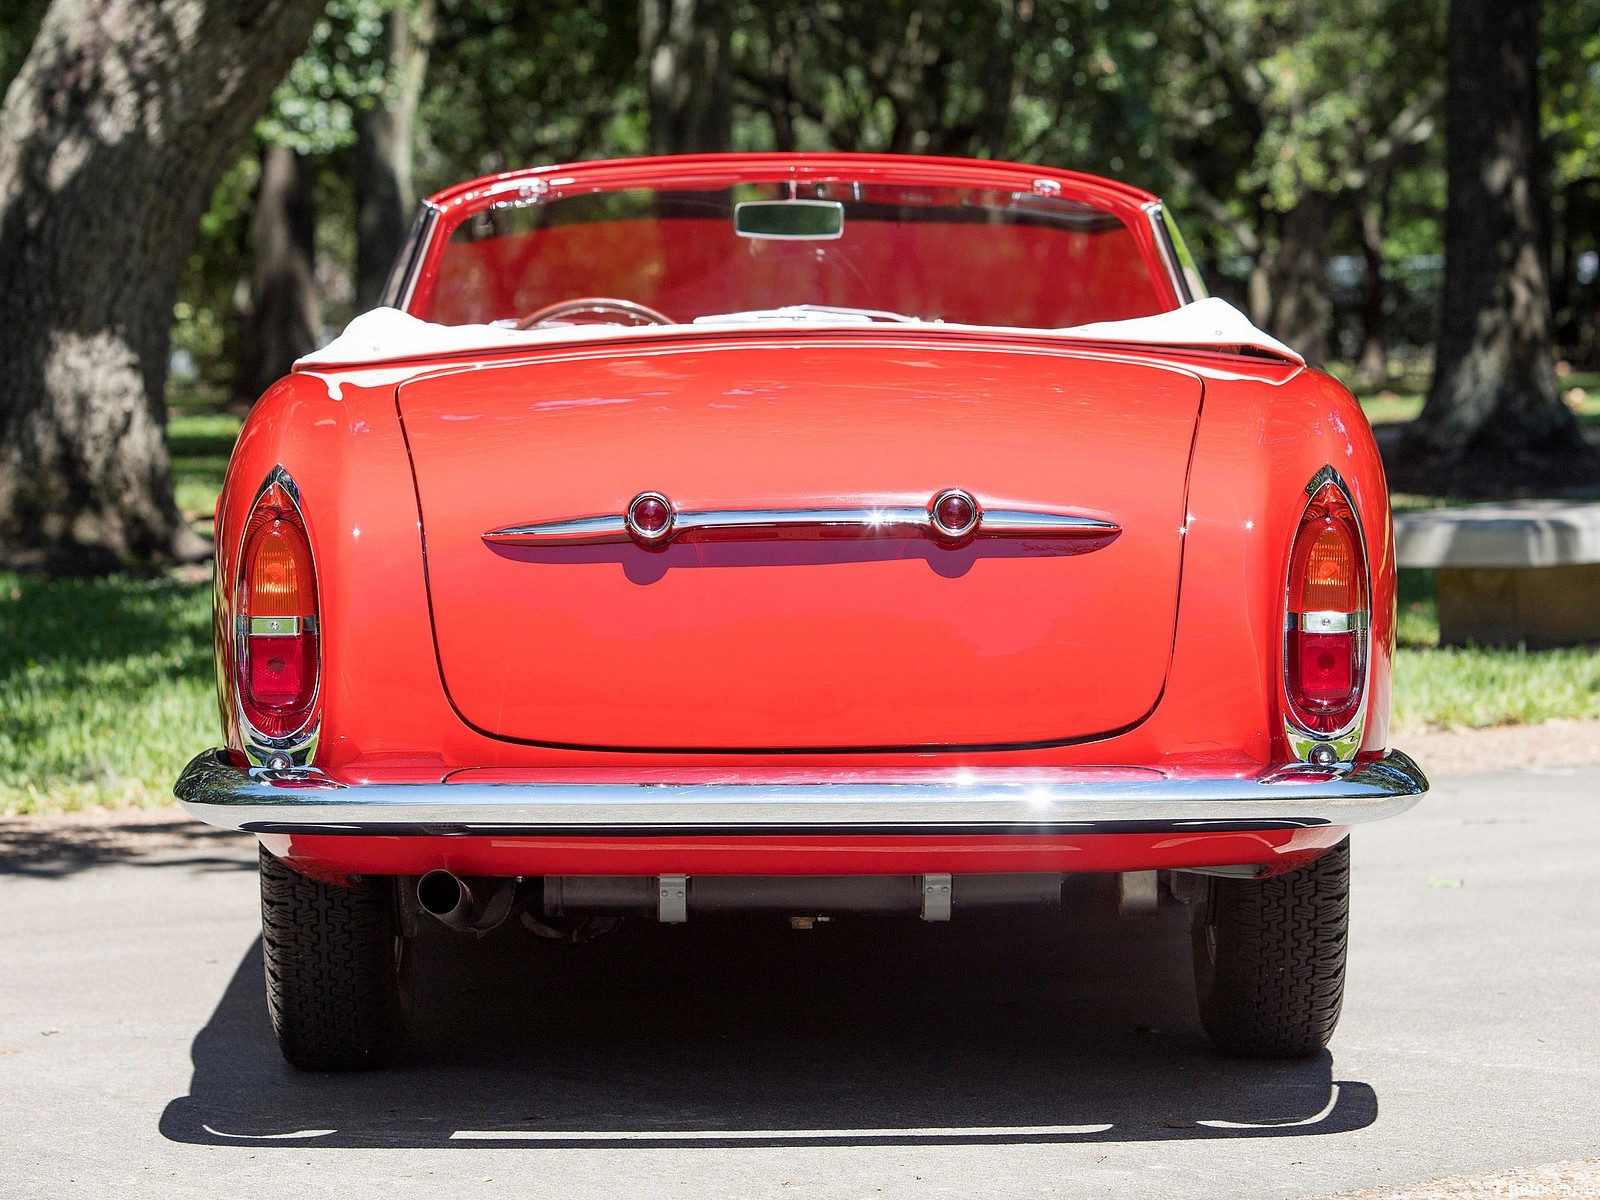 Maserati A6G 2000 Spyder 1956